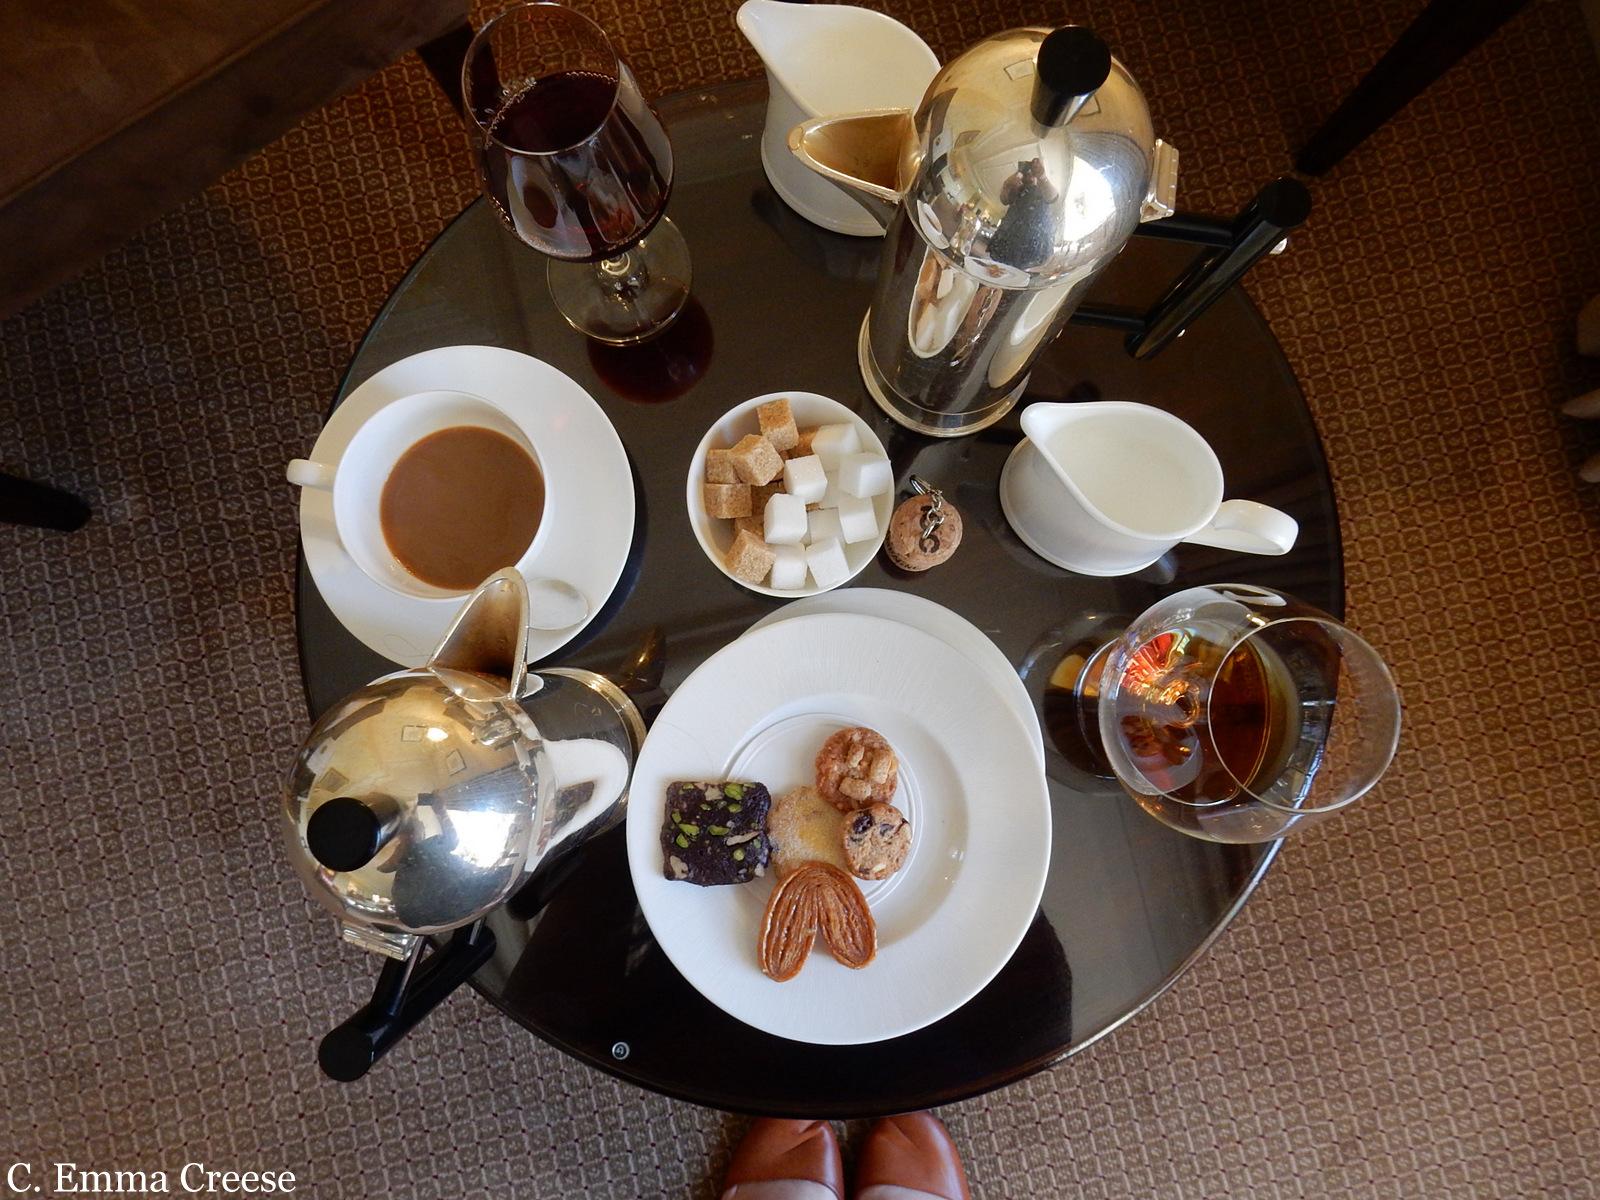 A 2 Michelin starred lunch at Belmond Le Manoir aux Quat'Saisons Adventures of a London Kiwi